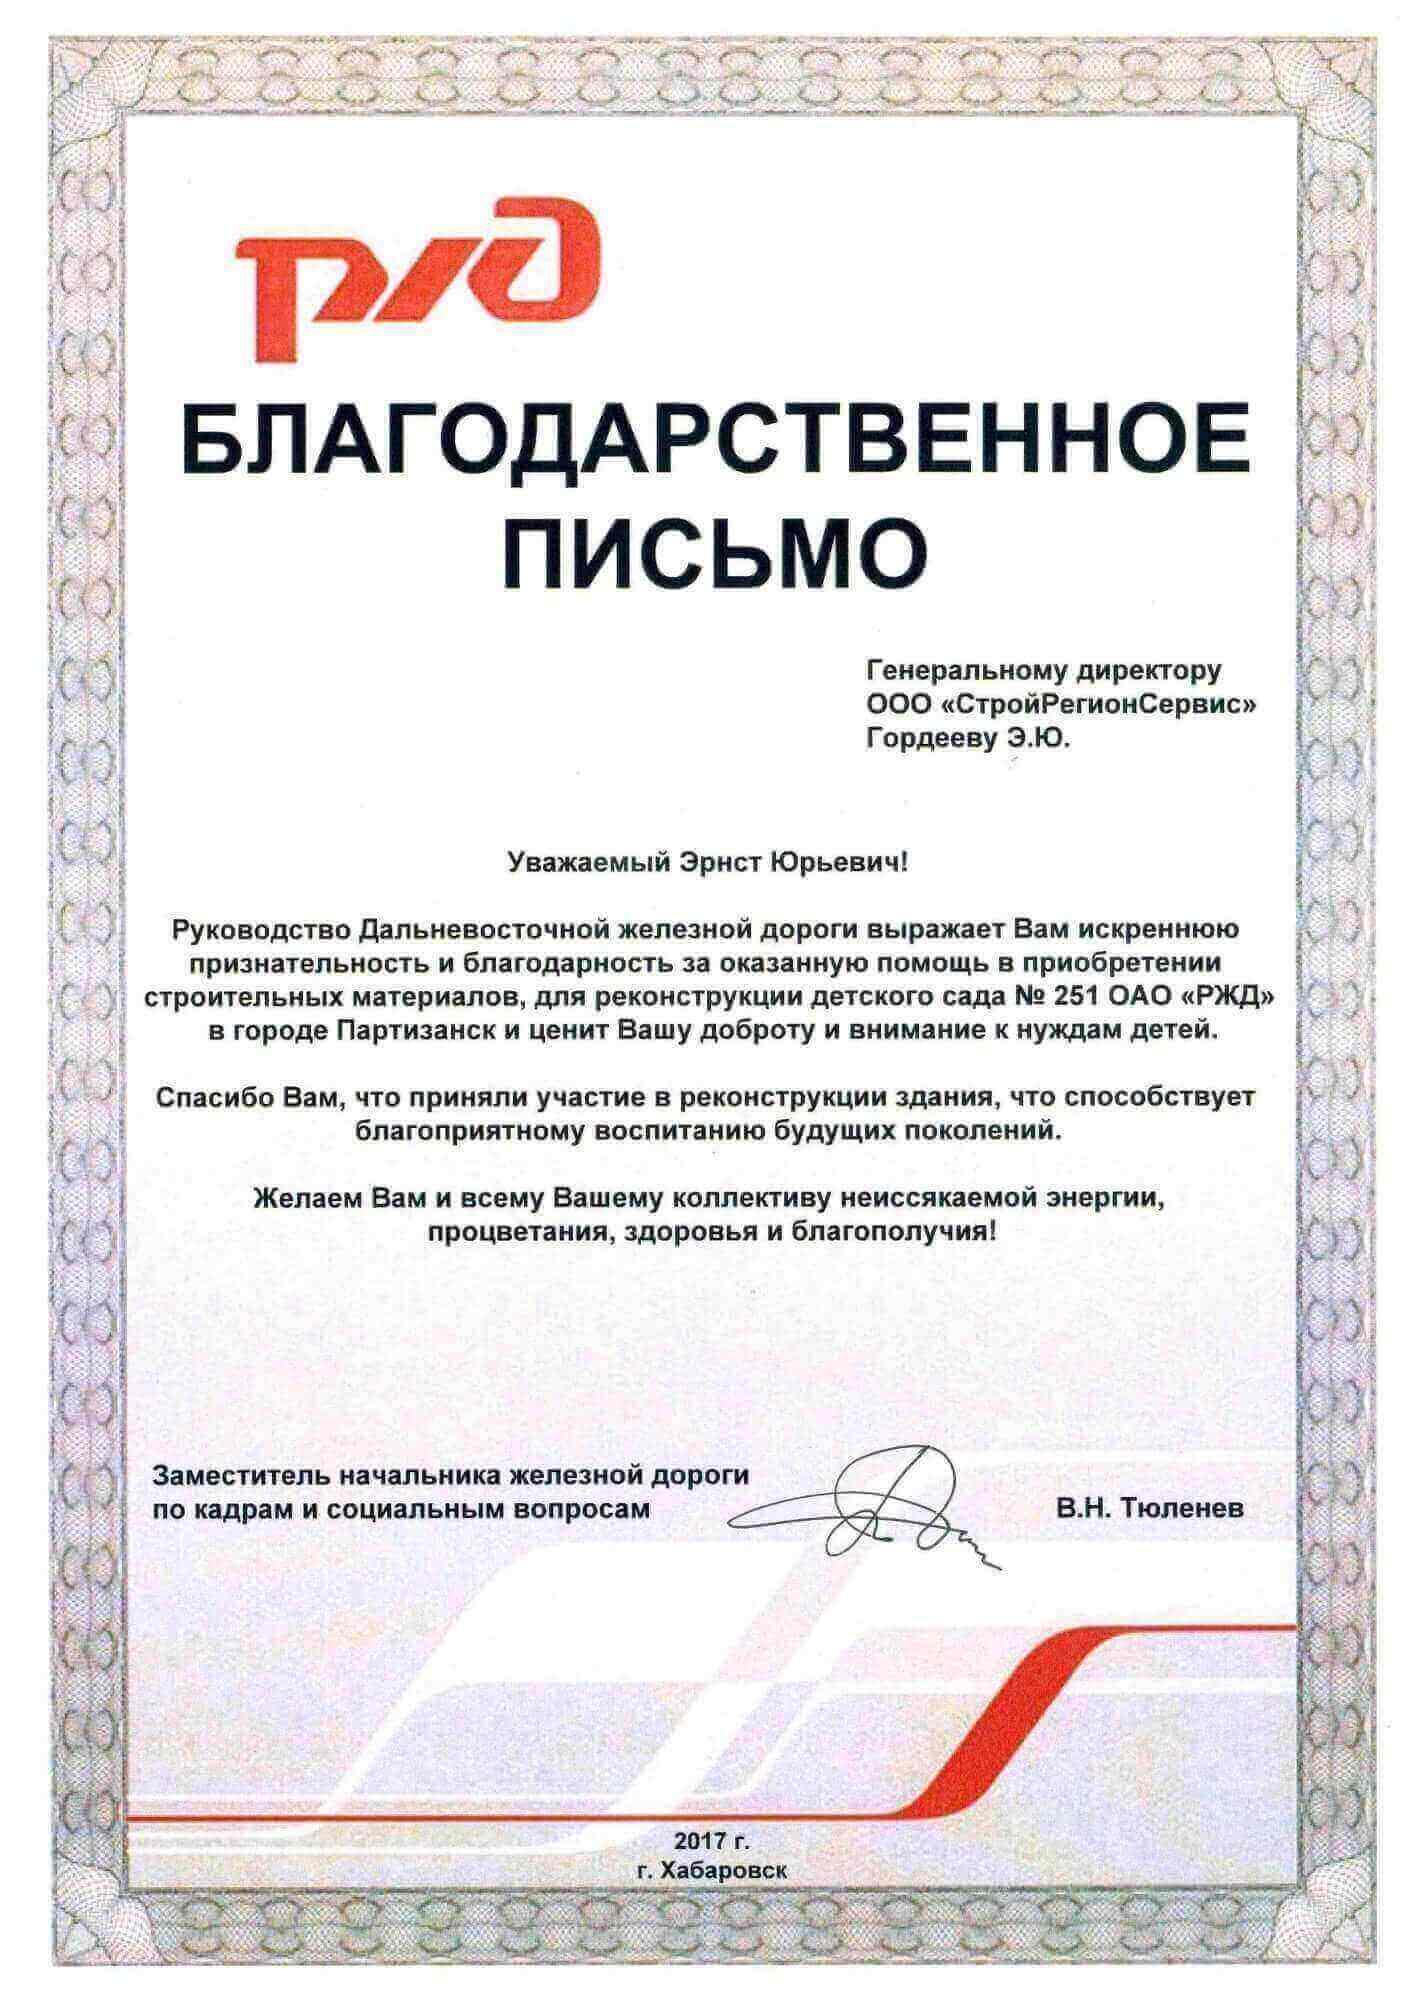 Благодарственное письмо 2017 г. Хабаровск